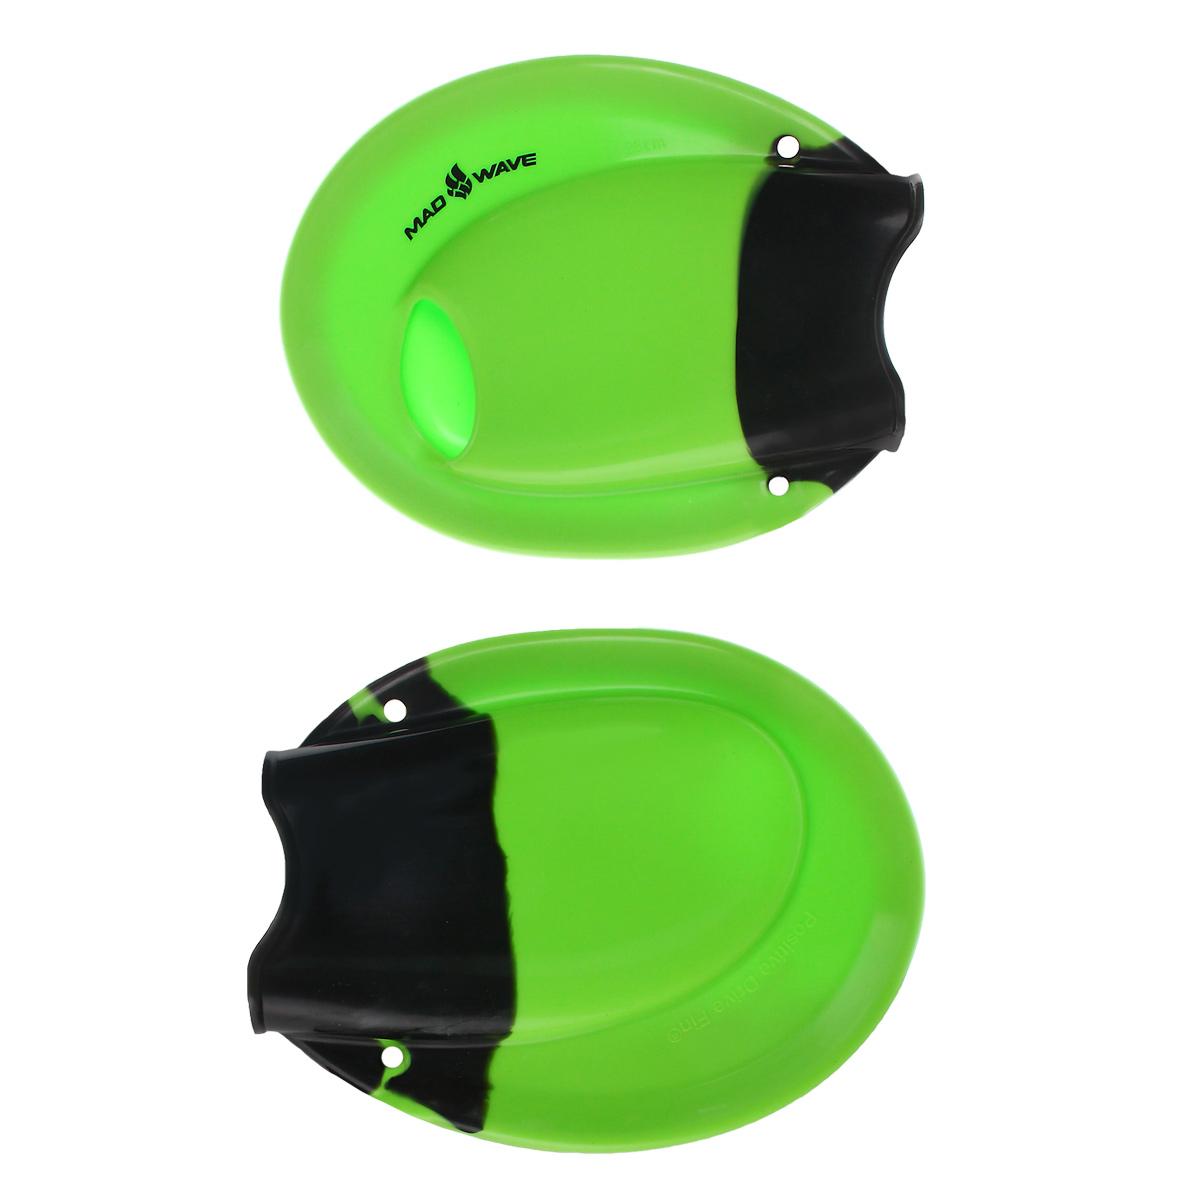 Ласты тренировочные для брасса Mad Wave Positive Drive, цвет: черный, зеленый. Размер 28-3210015583Форма ласт и регулируемый ремень пятки позволяет сделать правильное и мощное движение ногами брассом. Короткая и широкая лопасть подходит для улучшения техники кроля на груди и спине, брасса, дельфина. Эргономичный карман и открытая пятка для идеального положения стопы во время тренировки. Закрытый носок обеспечивает более мощное и направленное движение стопы, позволяя существенно увеличить скорость плавания.